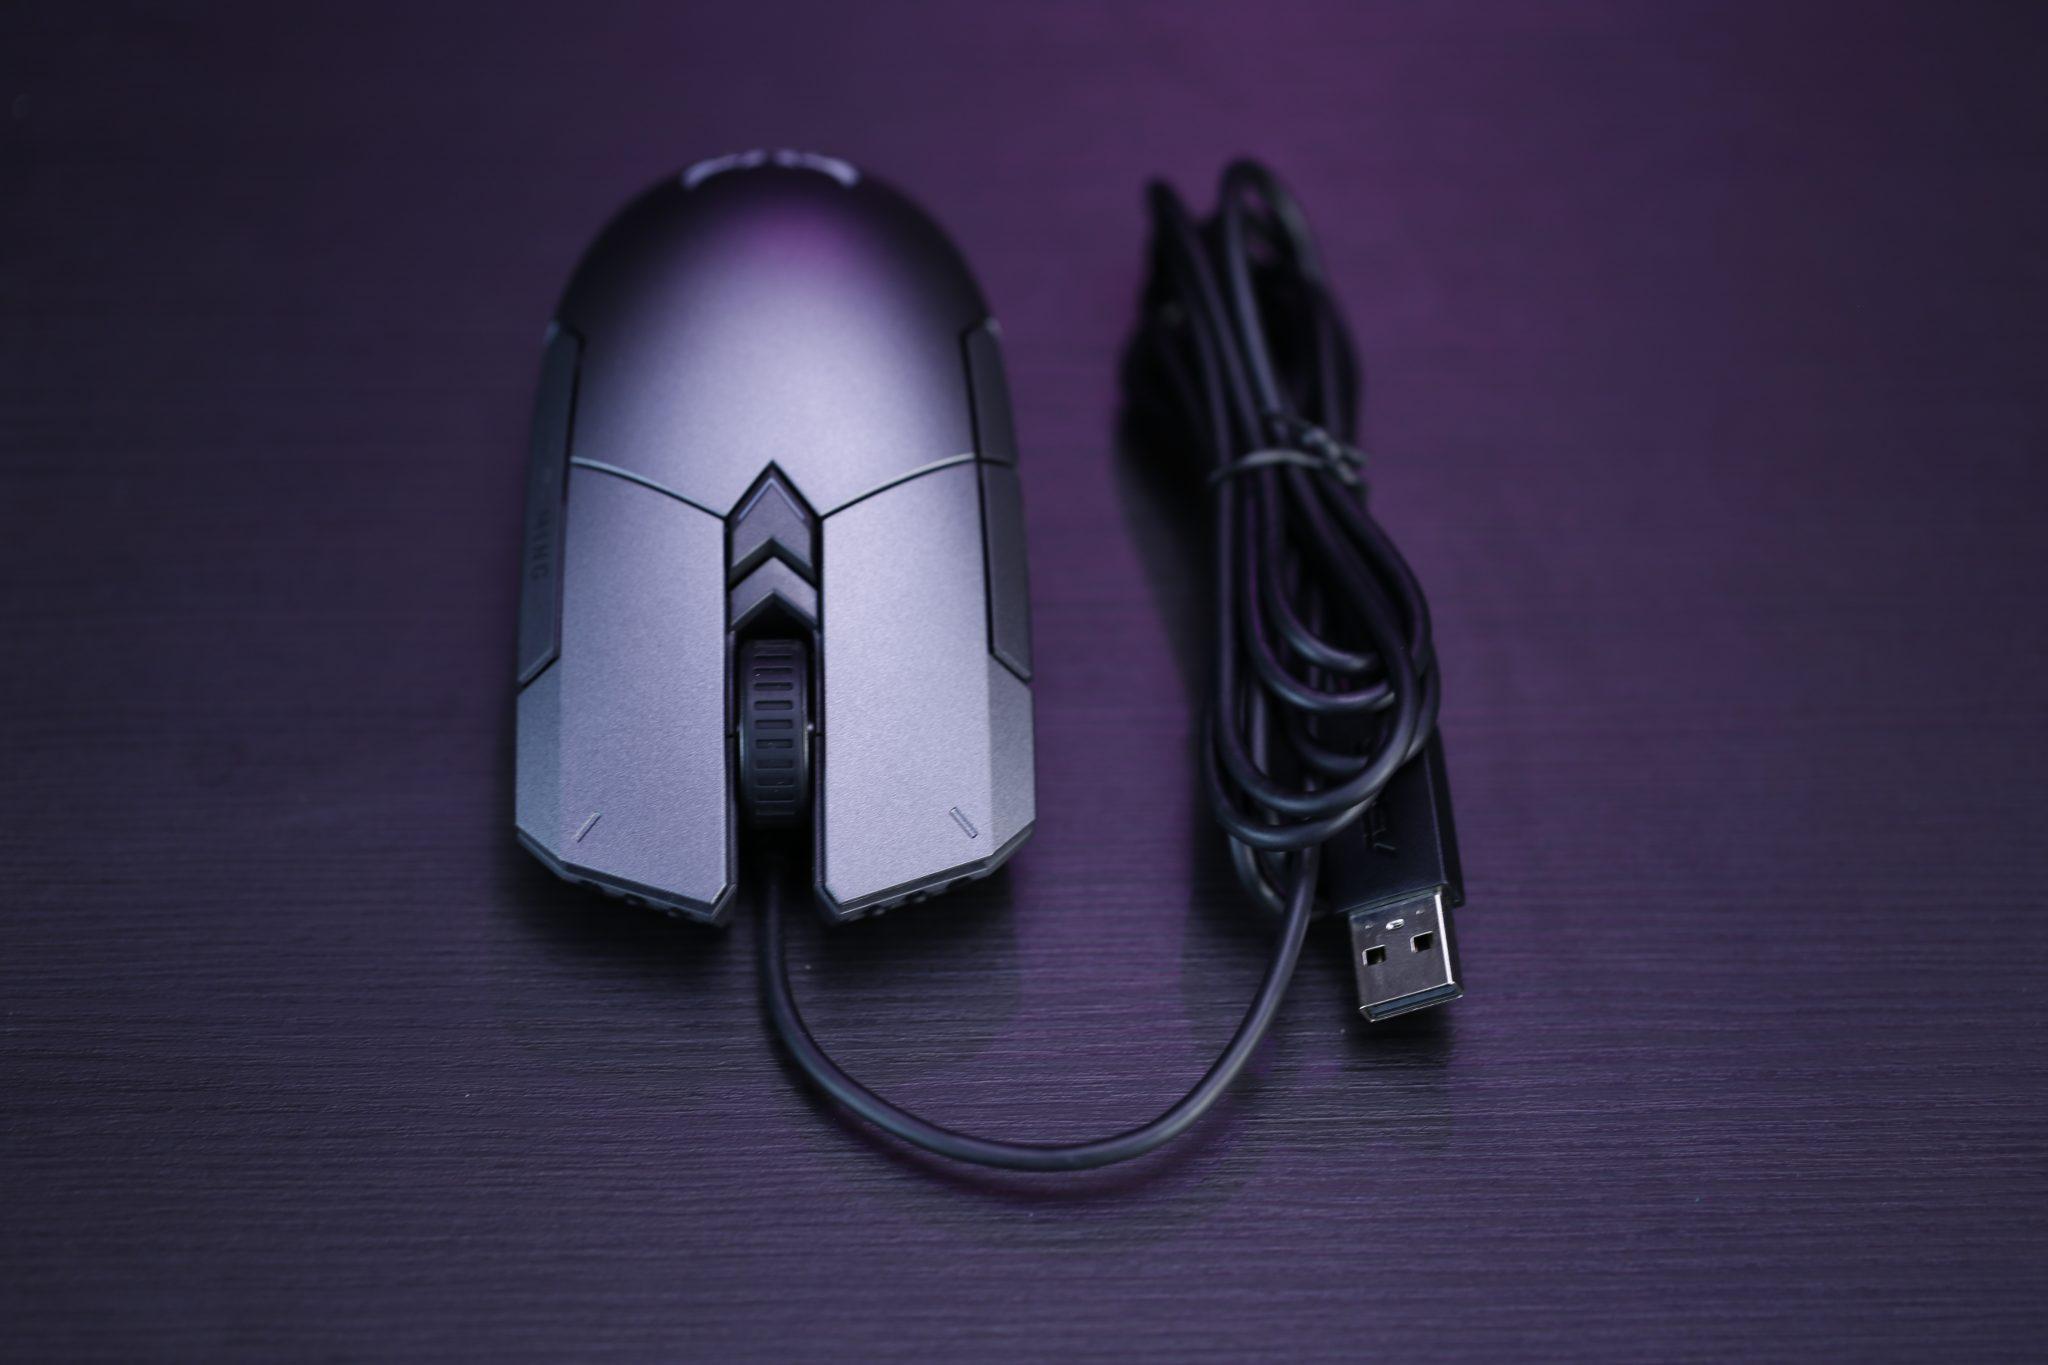 ASUS Tuf Gaming M5 Mouse (20)